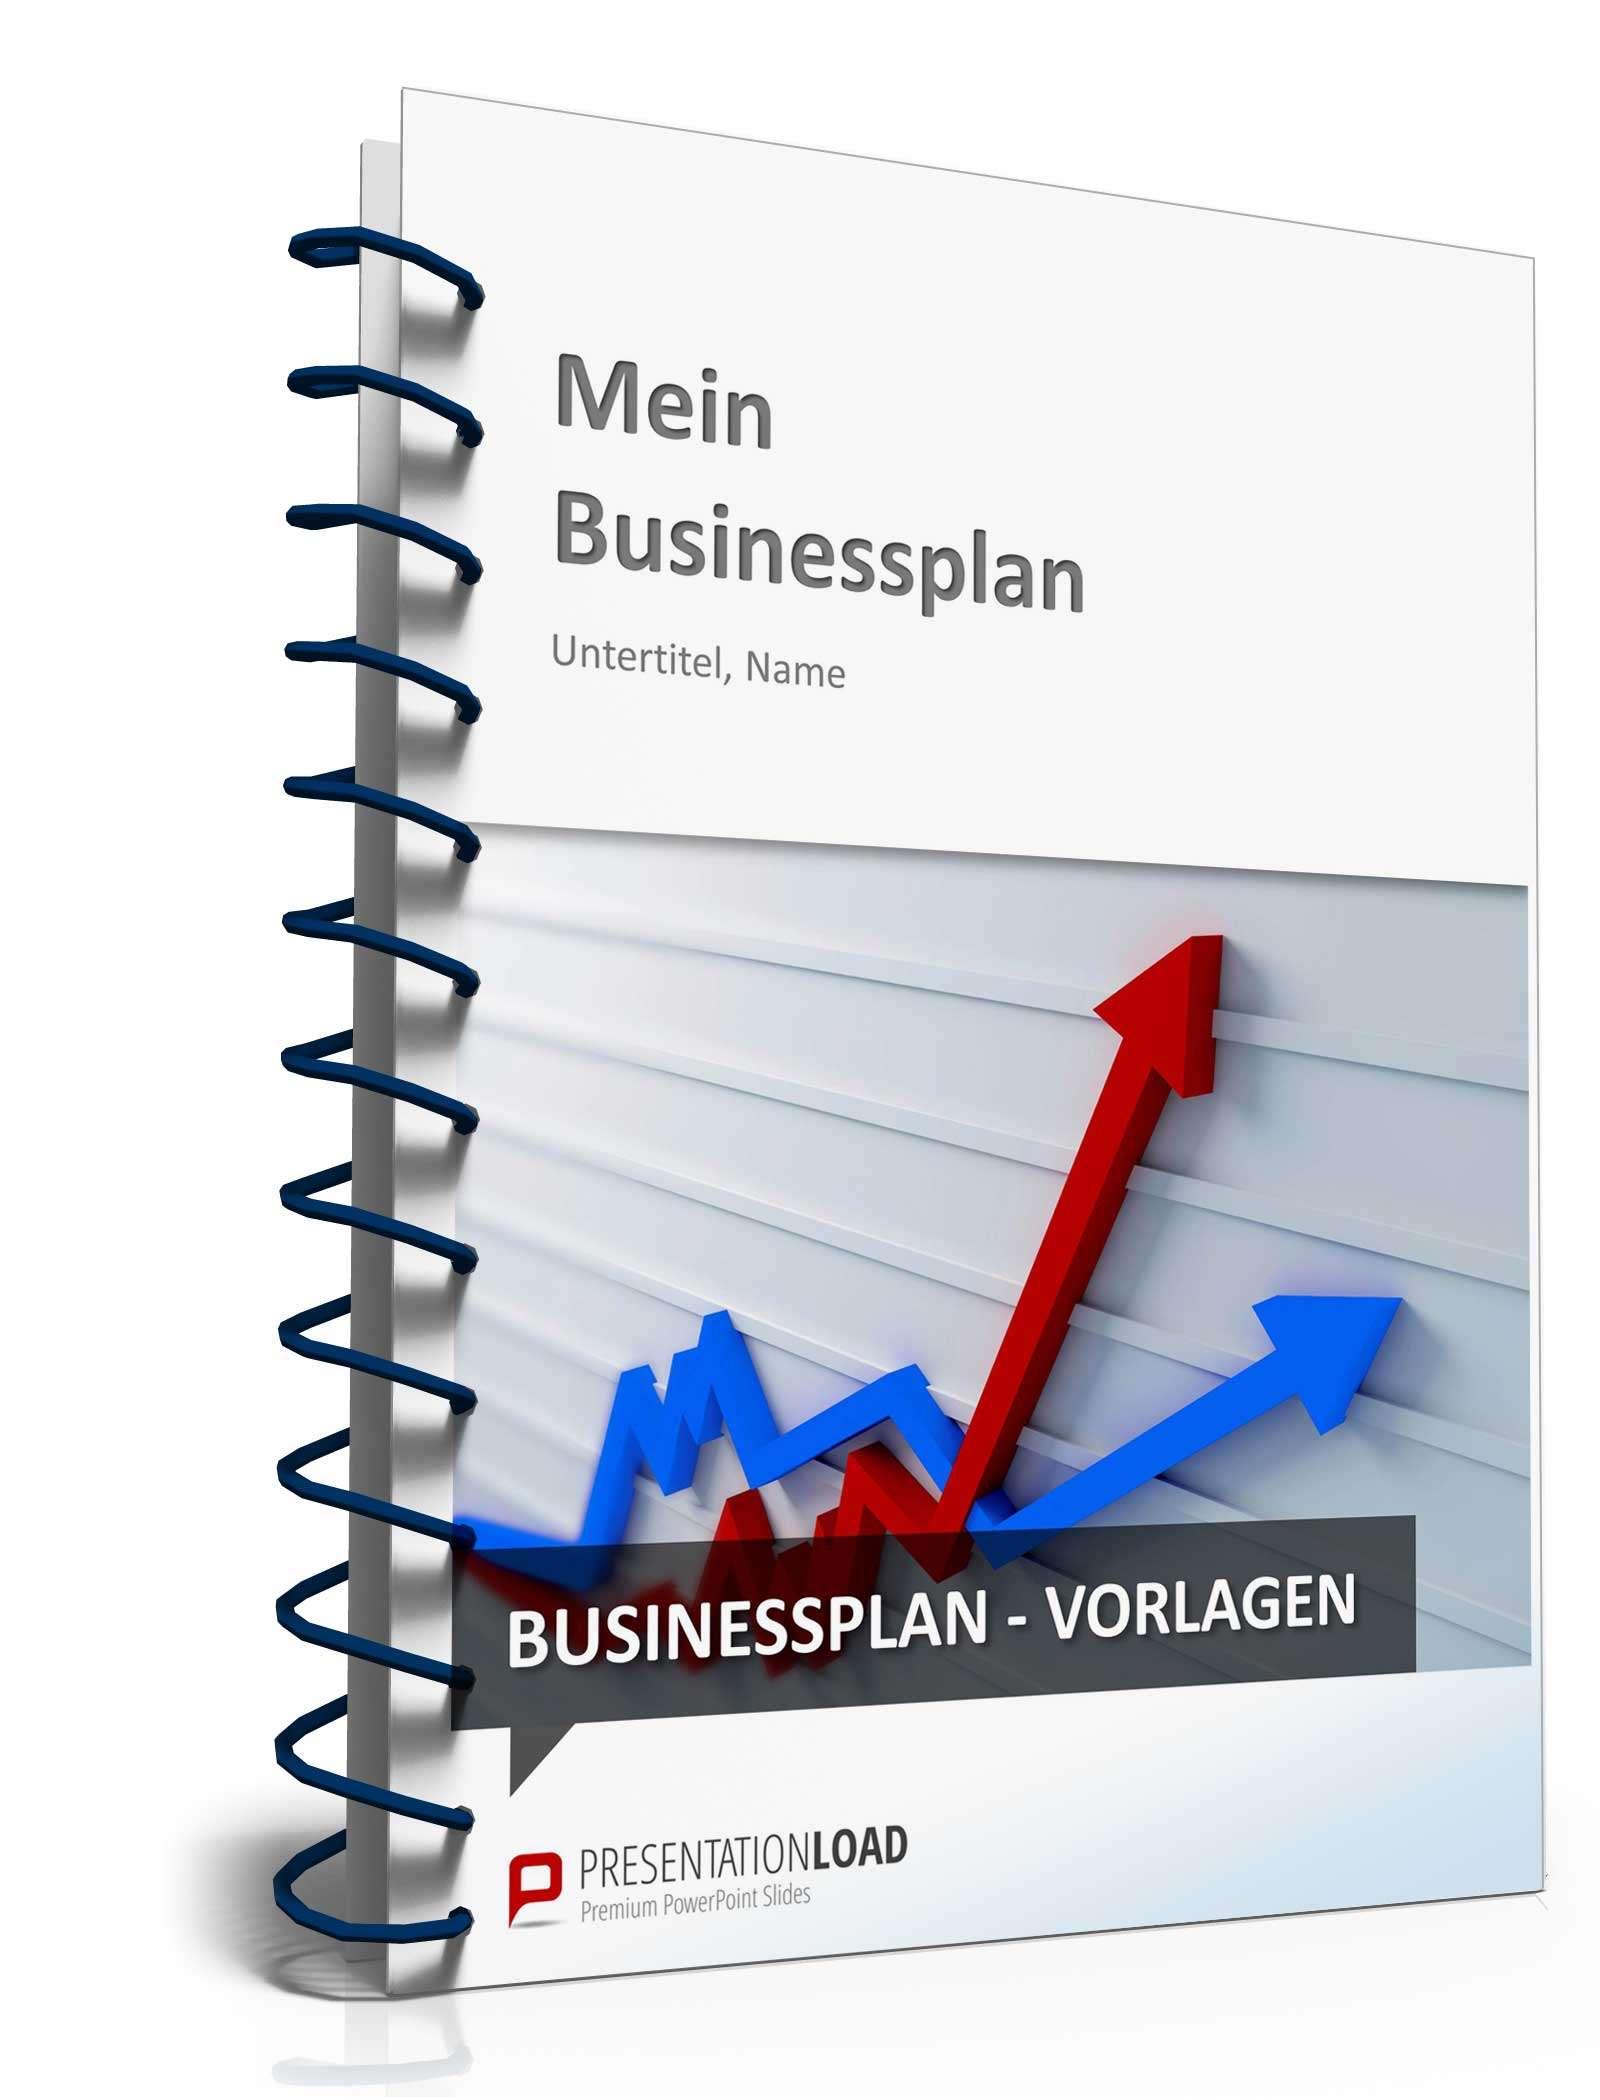 business plan vorlagen download firefox